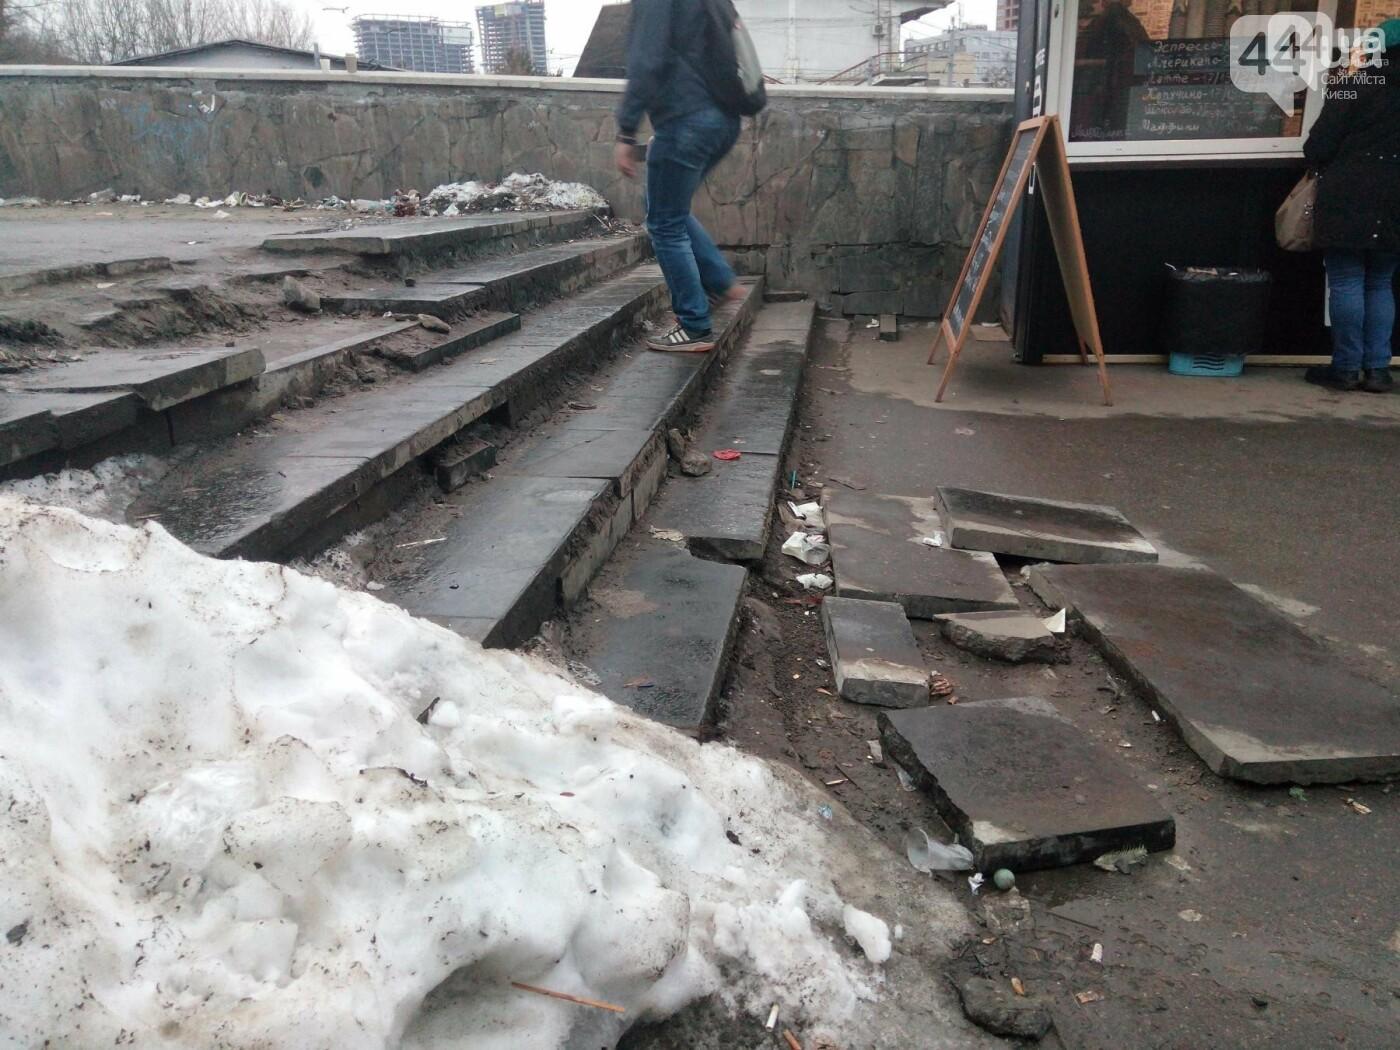 Возрадуйтесь, киевляне: опасные ступеньки возле метро наконец-то отремонтировали, фото-3